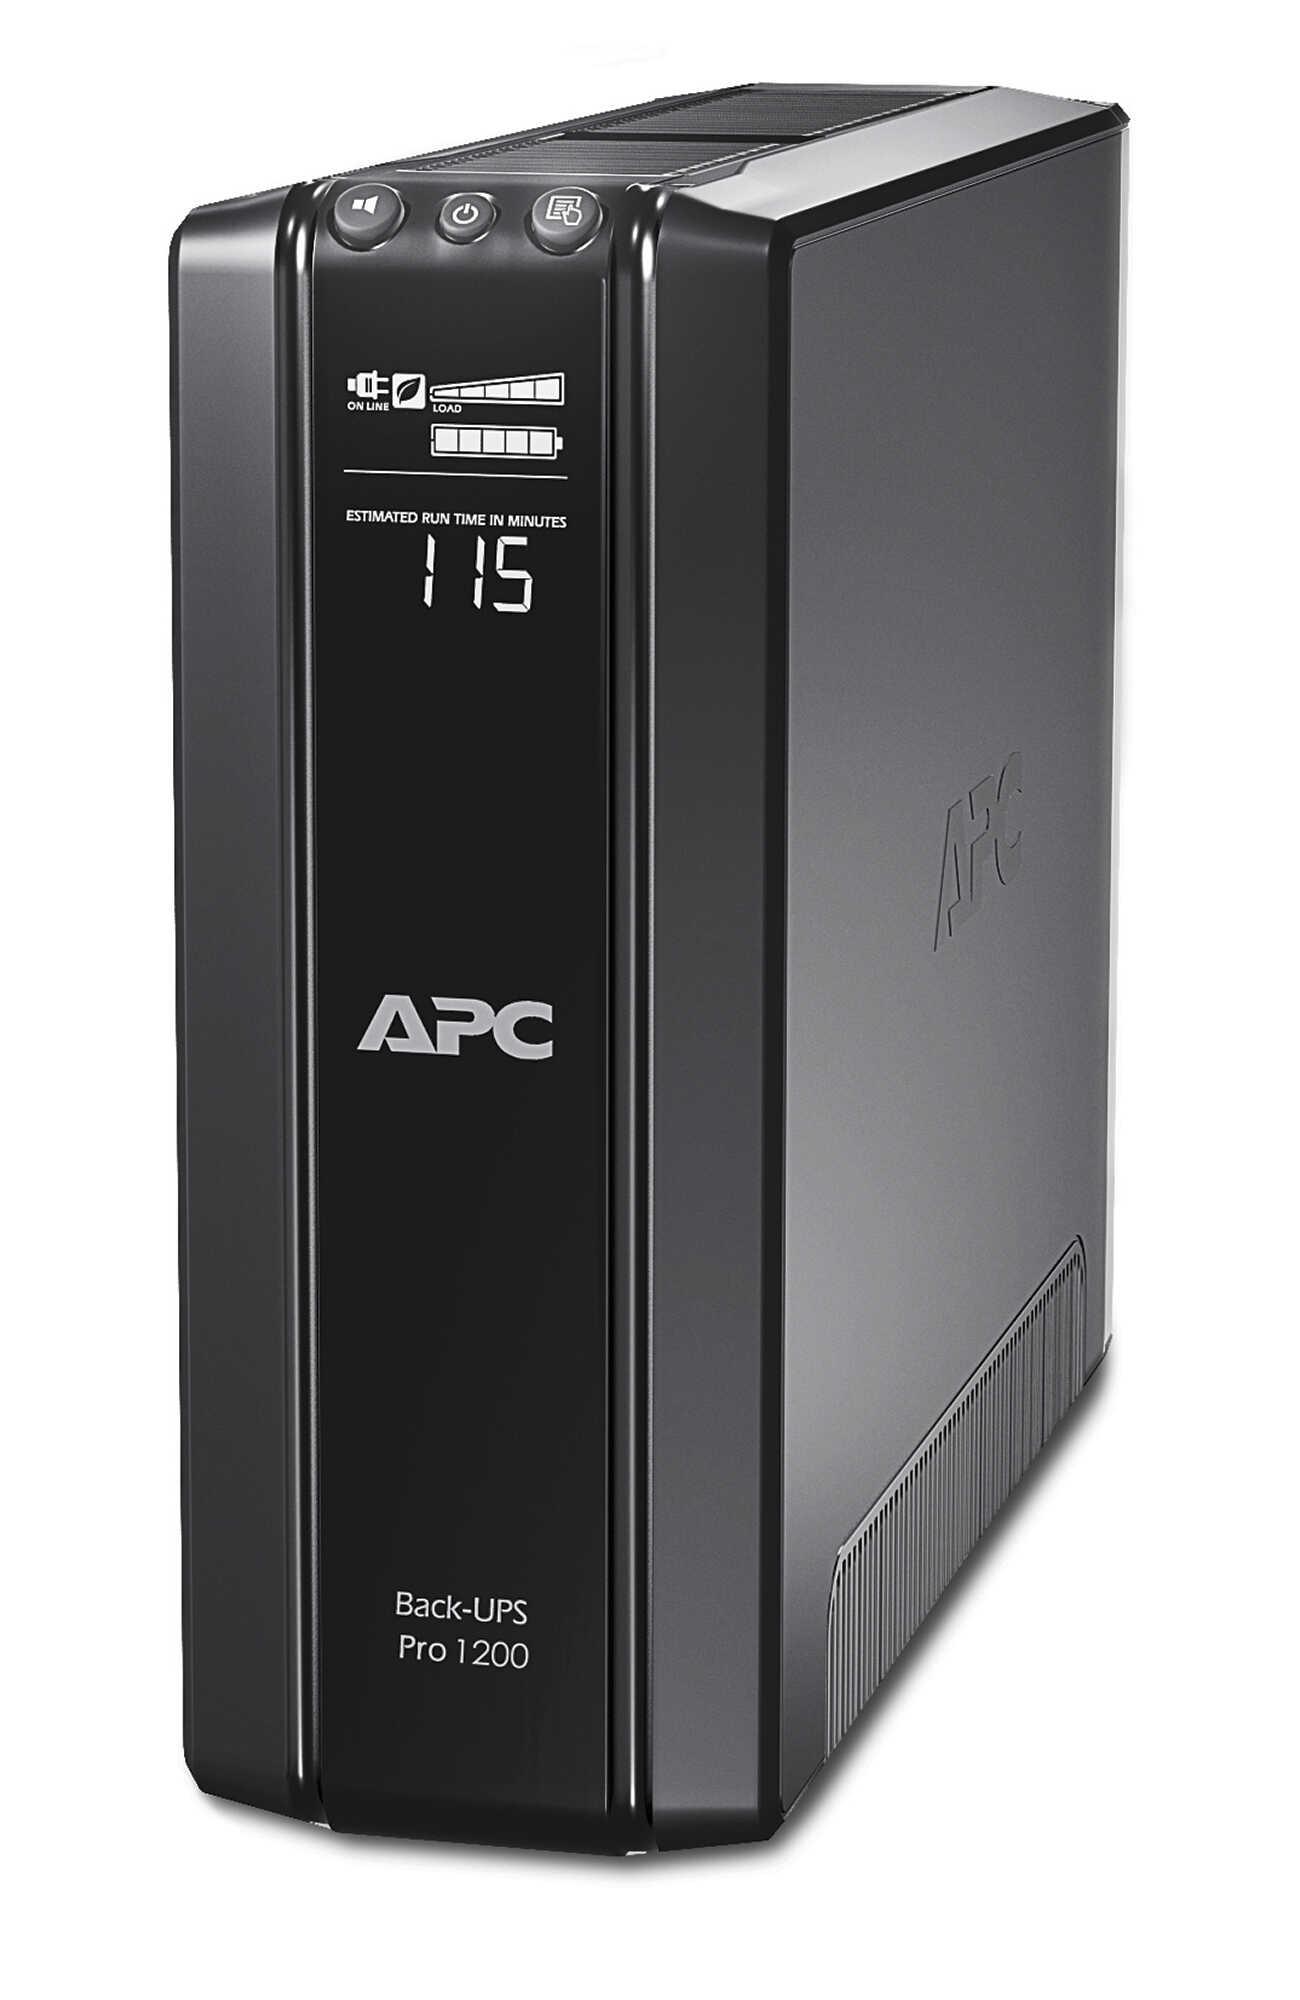 Power-Saving Back-UPS Pro 1200, 230V, Schuko